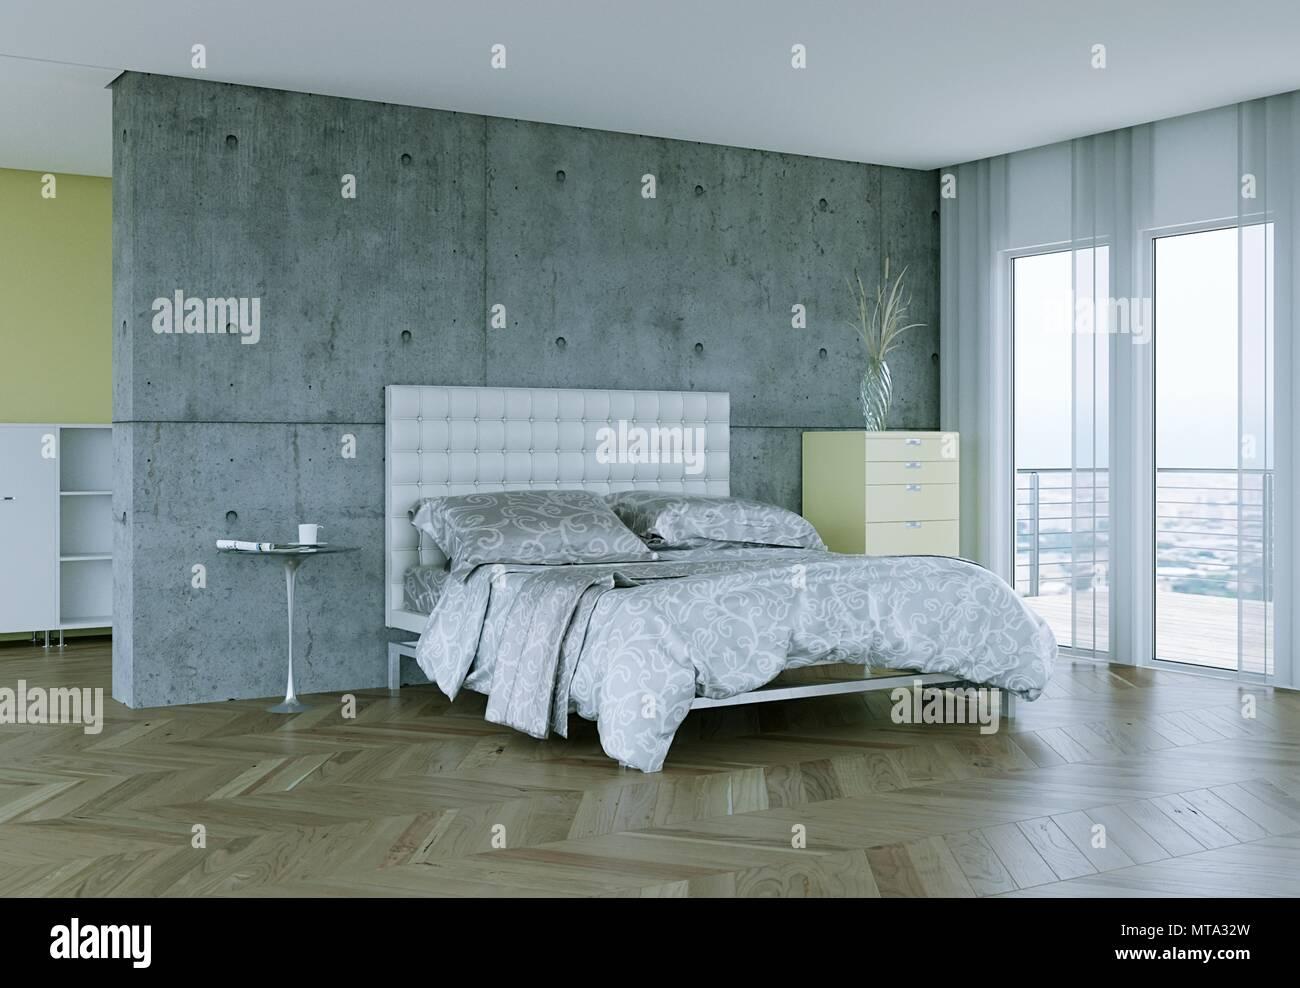 Modernes Schlafzimmer mit Beton Wand und moderne Einrichtung ...